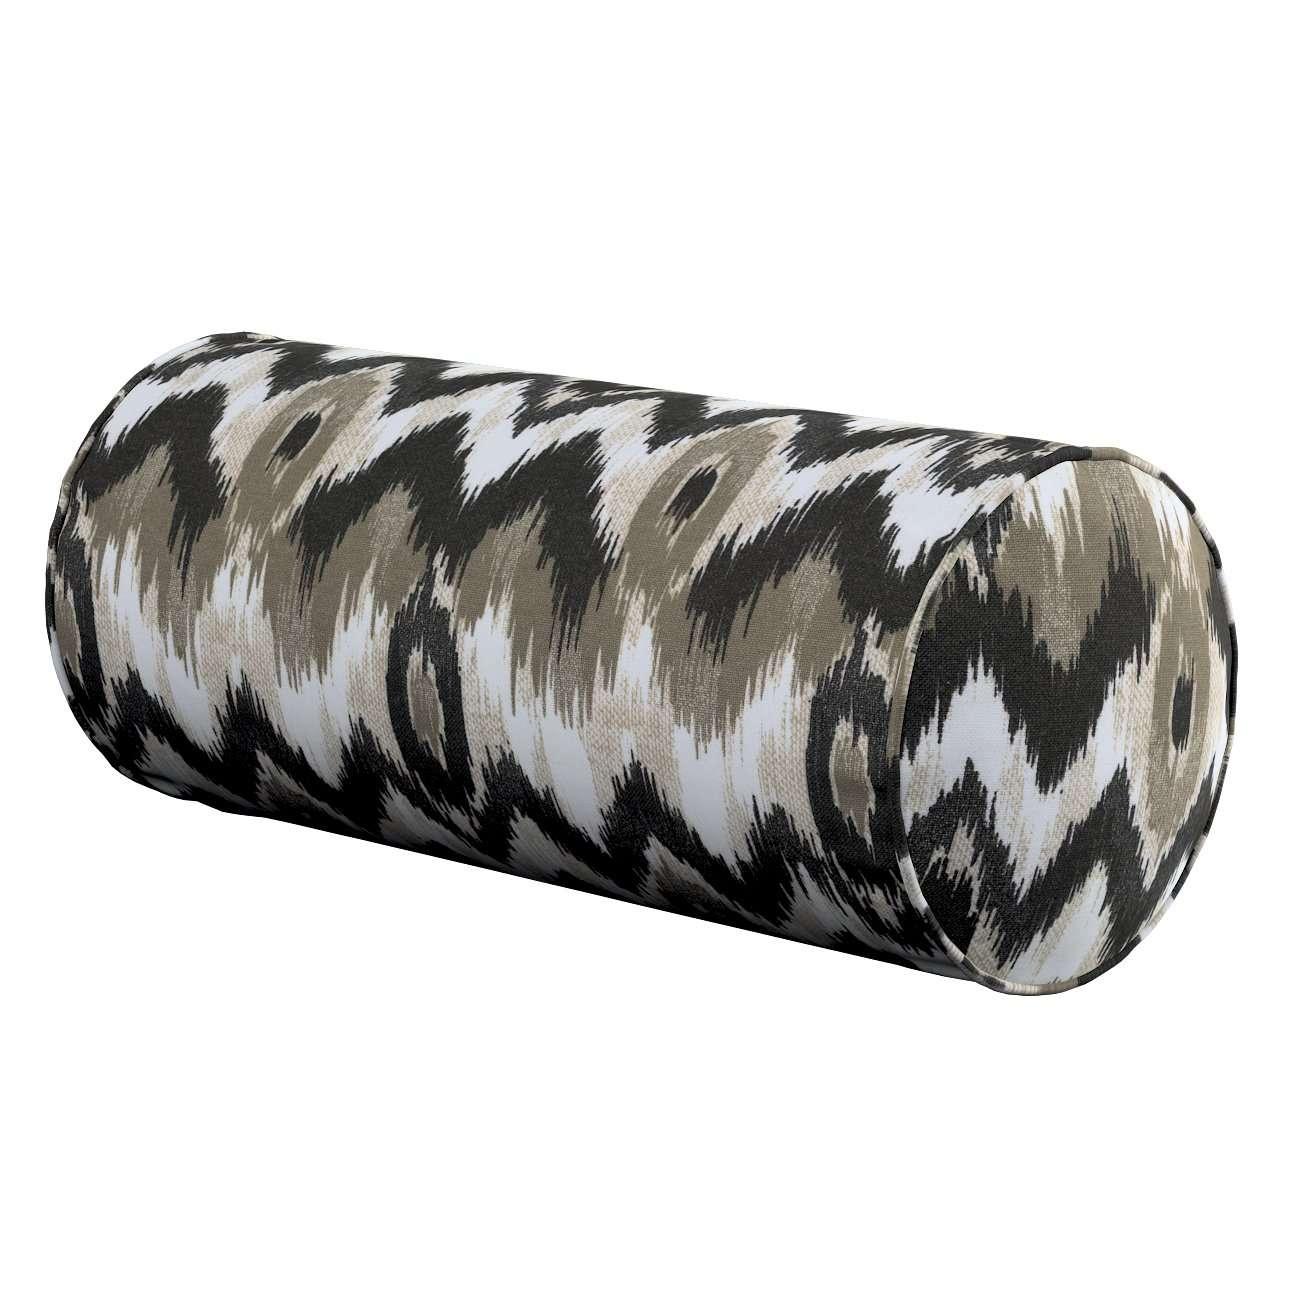 Einfache Nackenrolle, schwarz-beige, Ø 16 × 40 cm, Modern   Schlafzimmer > Kopfkissen > Nackenstützkissen & Nackenrollen   Dekoria